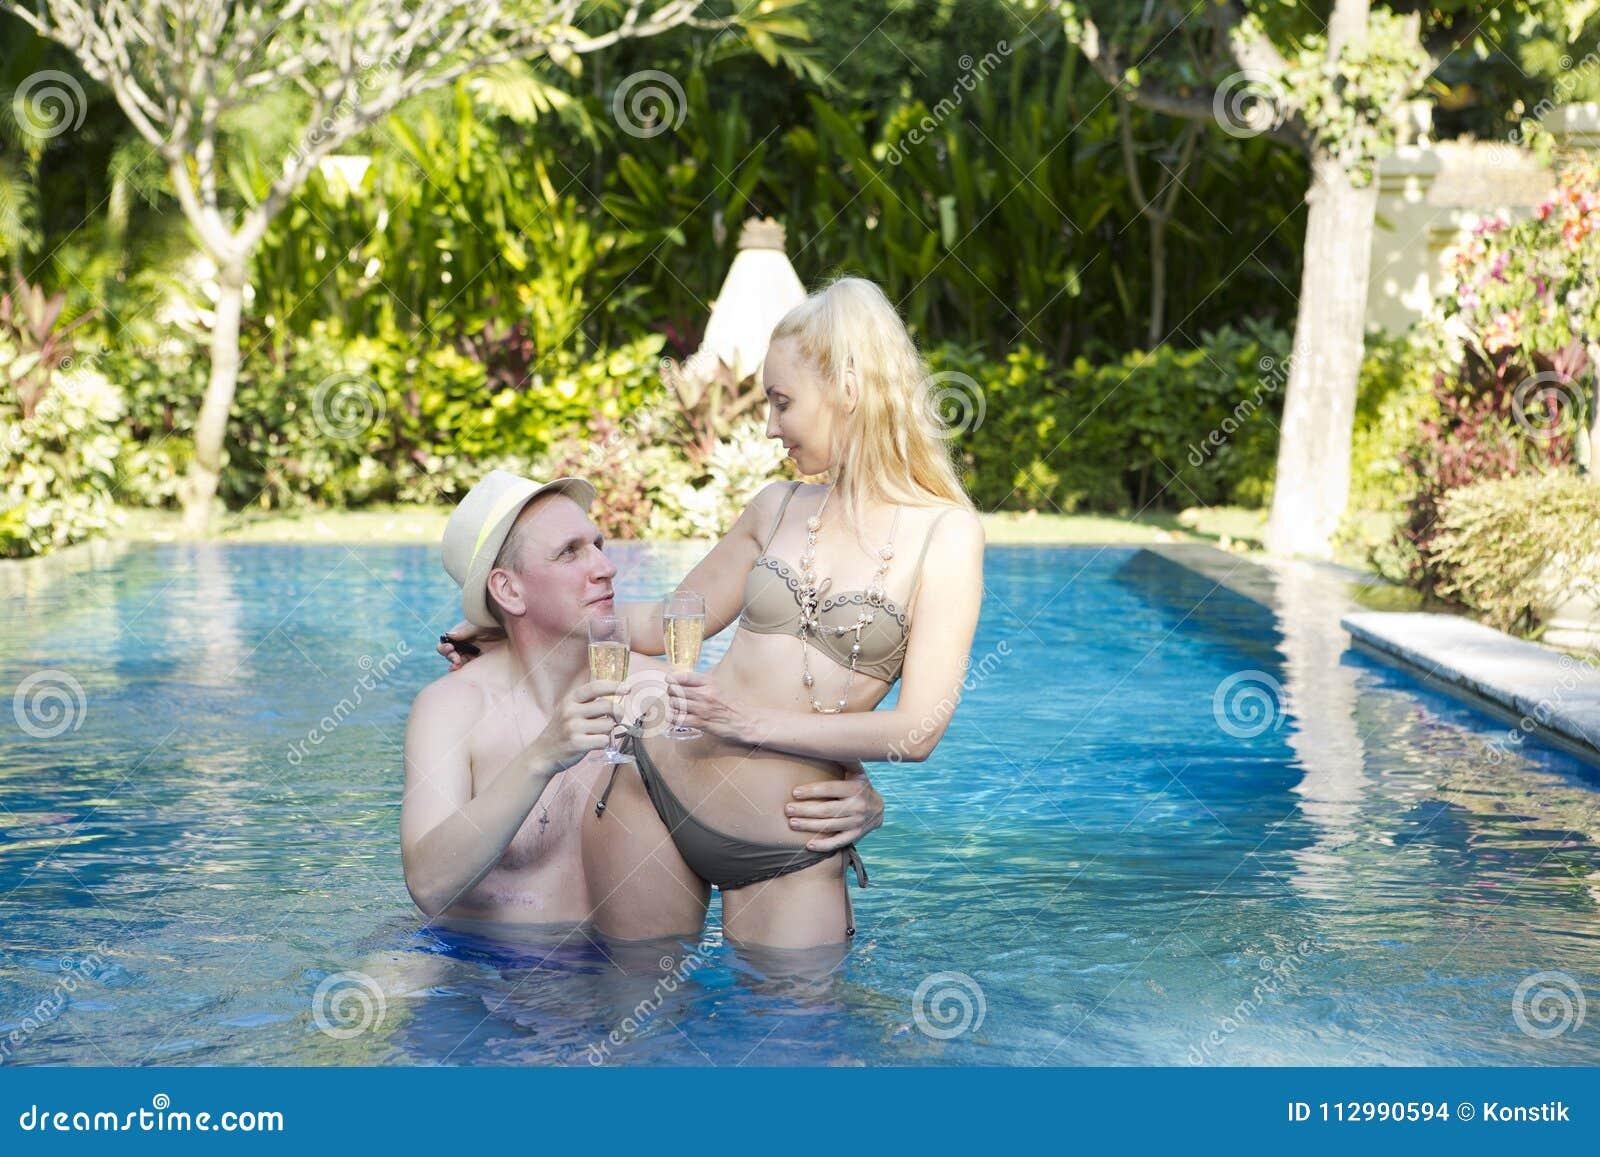 Человек и женщина, любящая пара, в бассейне в саде с тропическими деревьями держат стекла с вином в руке